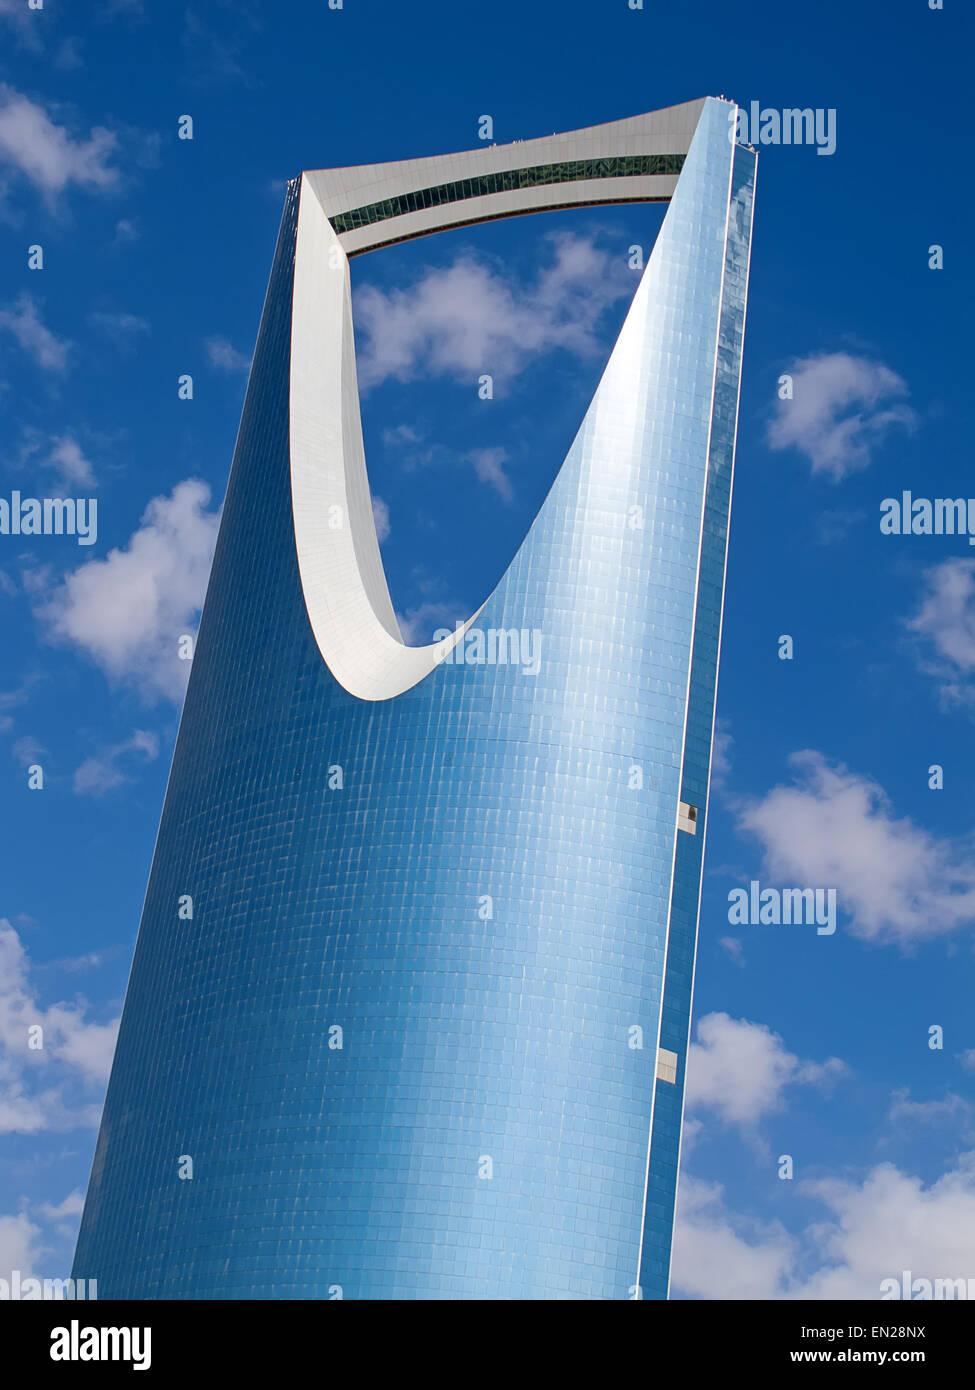 RIYADH - 22 DÉCEMBRE: Kingdom Tower le 22 décembre 2009 à Riyad, en Arabie Saoudite. Kingdom Photo Stock